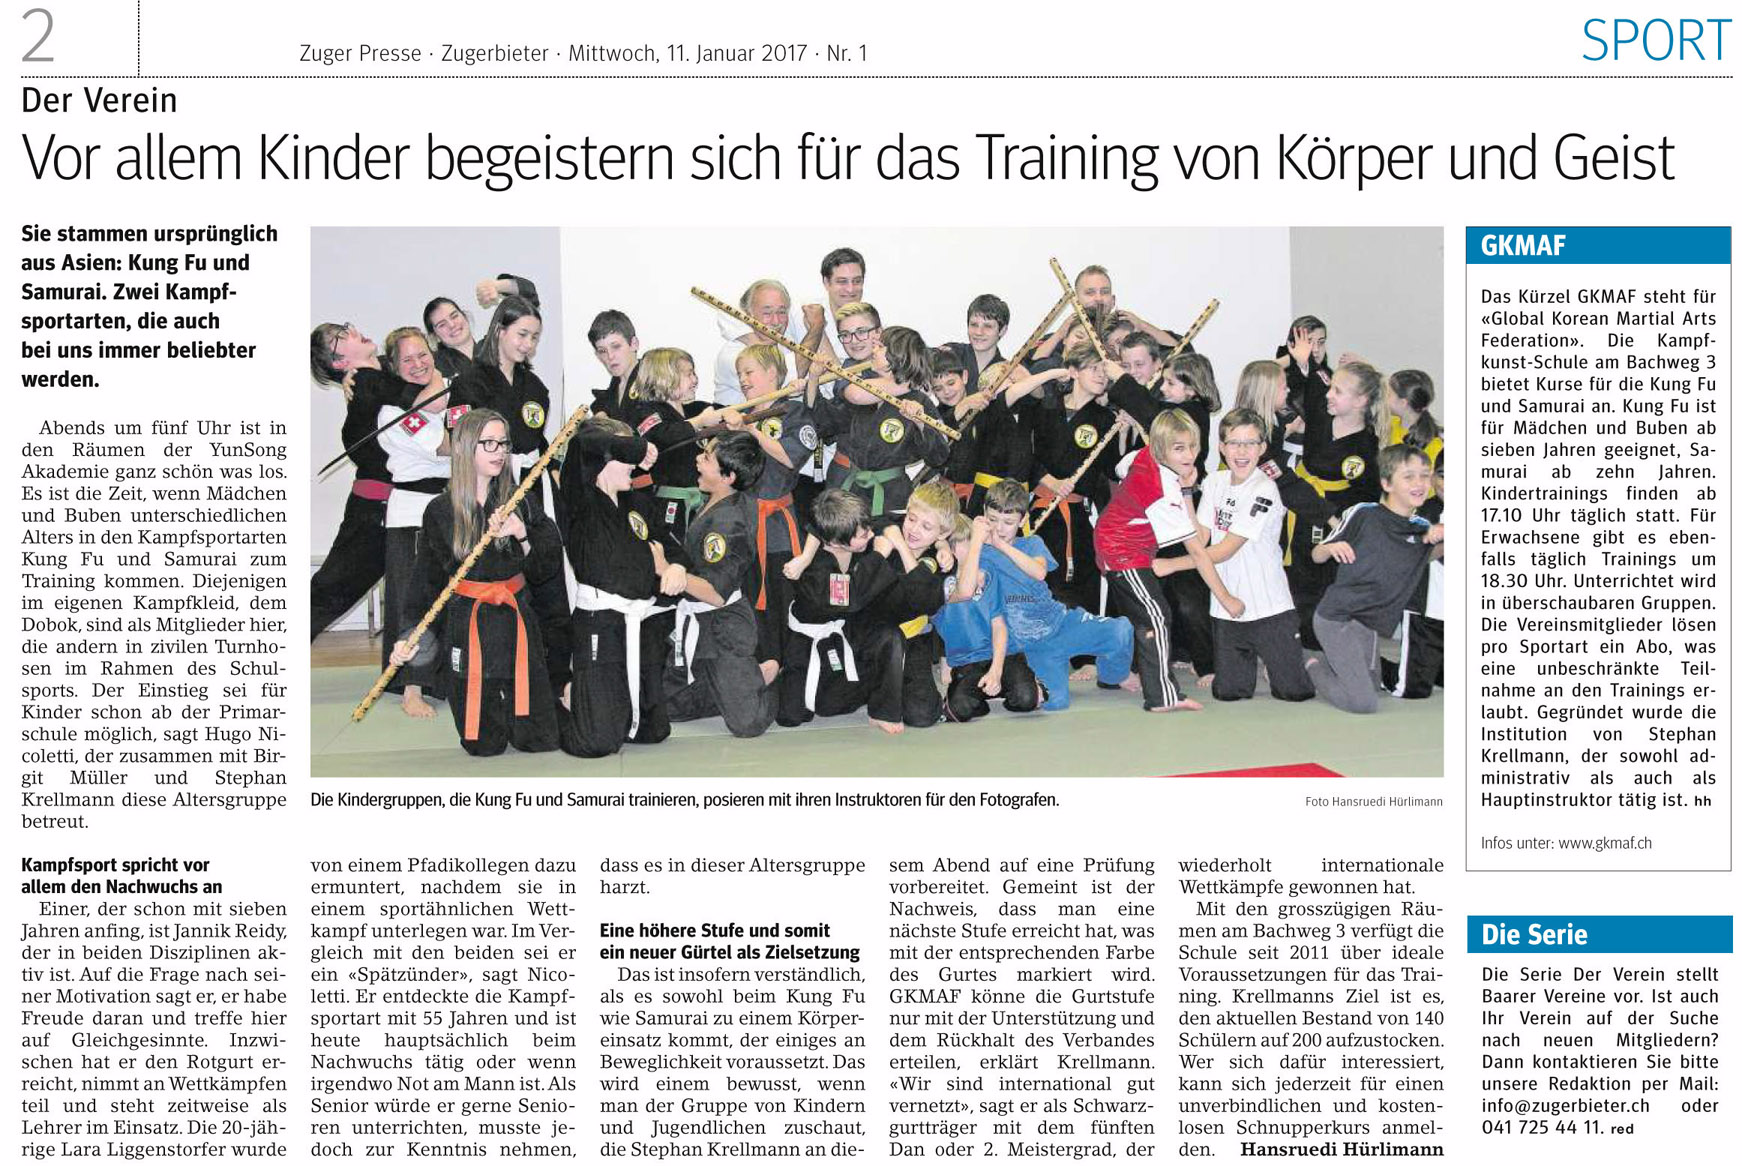 2017-01 Zugerbieter_Verein